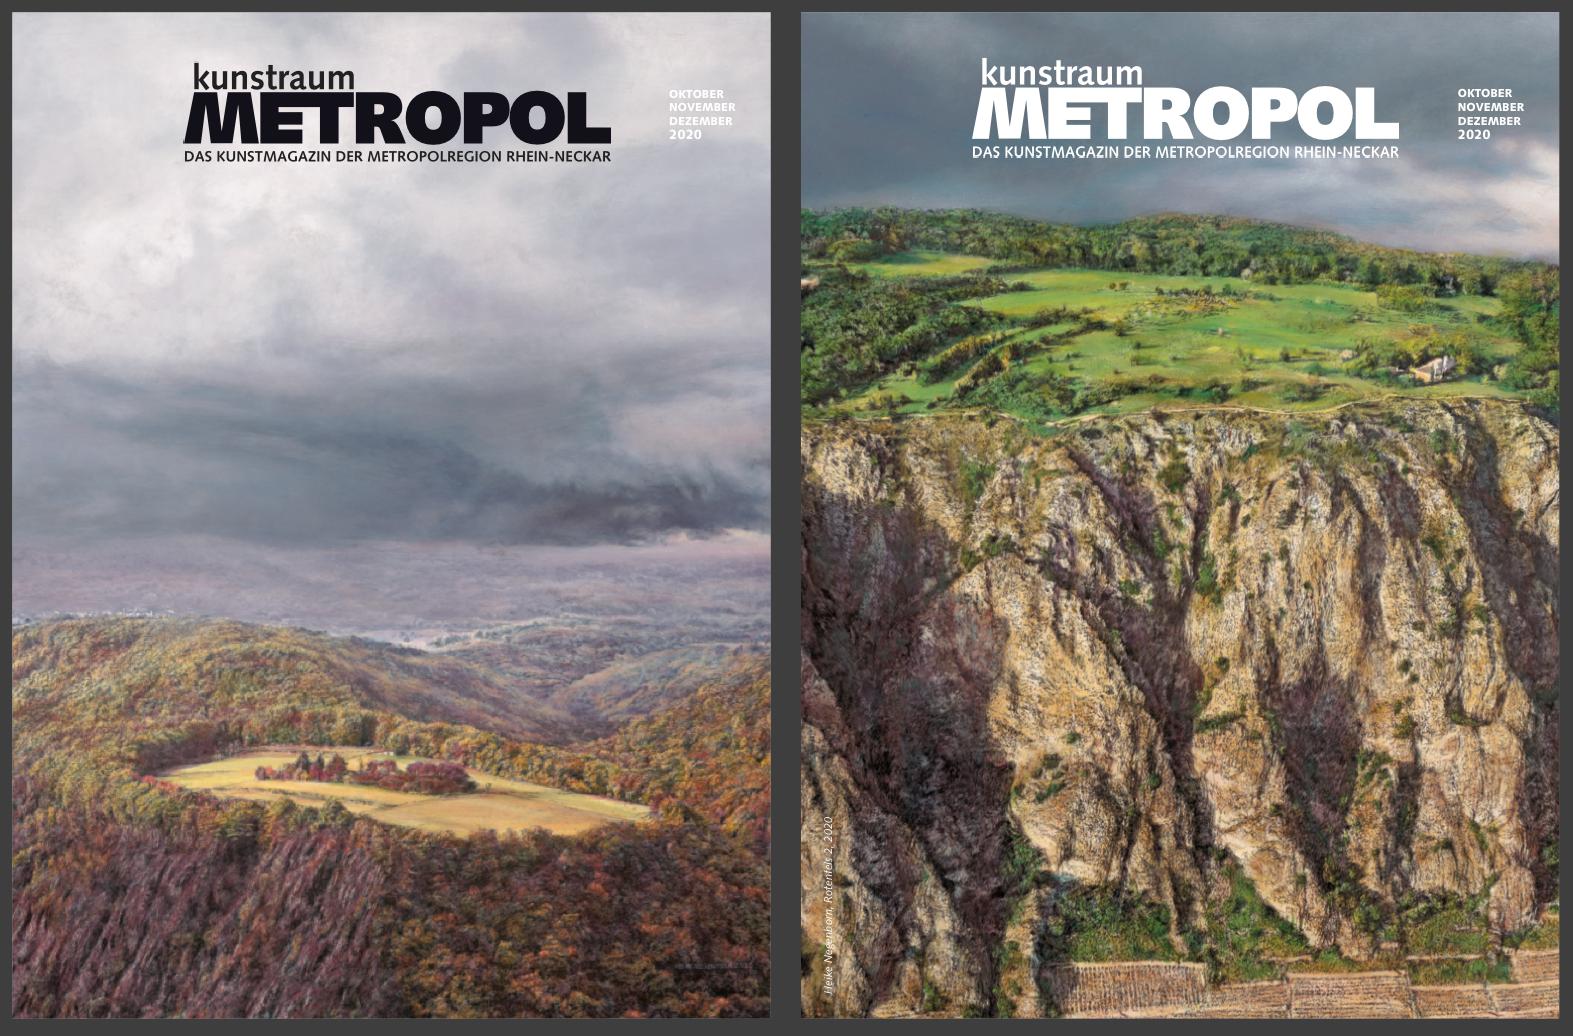 kunstraumMETROPOL – Das Kunstmagazin der Metropolregion Rhein-Neckar, Ausgabe Q4/2020, cover